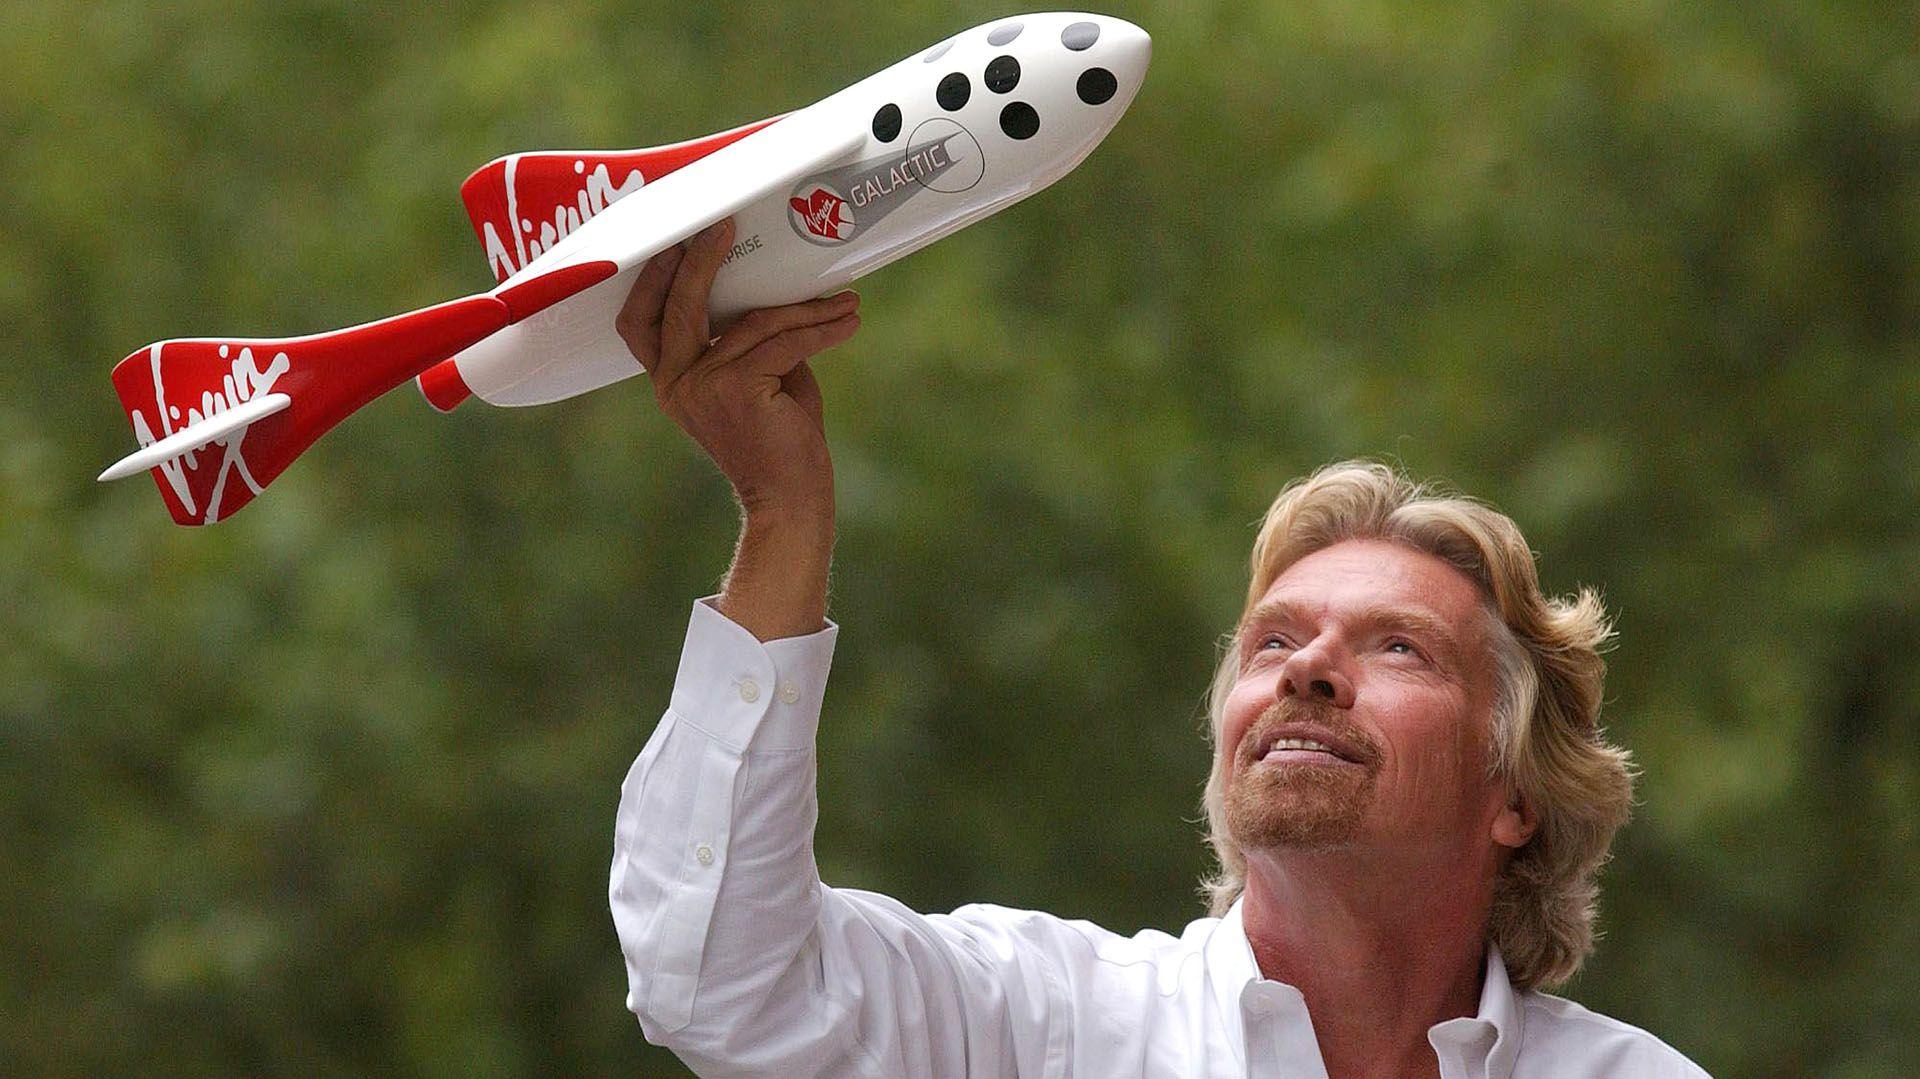 Sir Richard Branson sueña con liderar el turismo espacial en las próximas décadas y ya prepara lanzamientos para este año (Virgin Galactic)